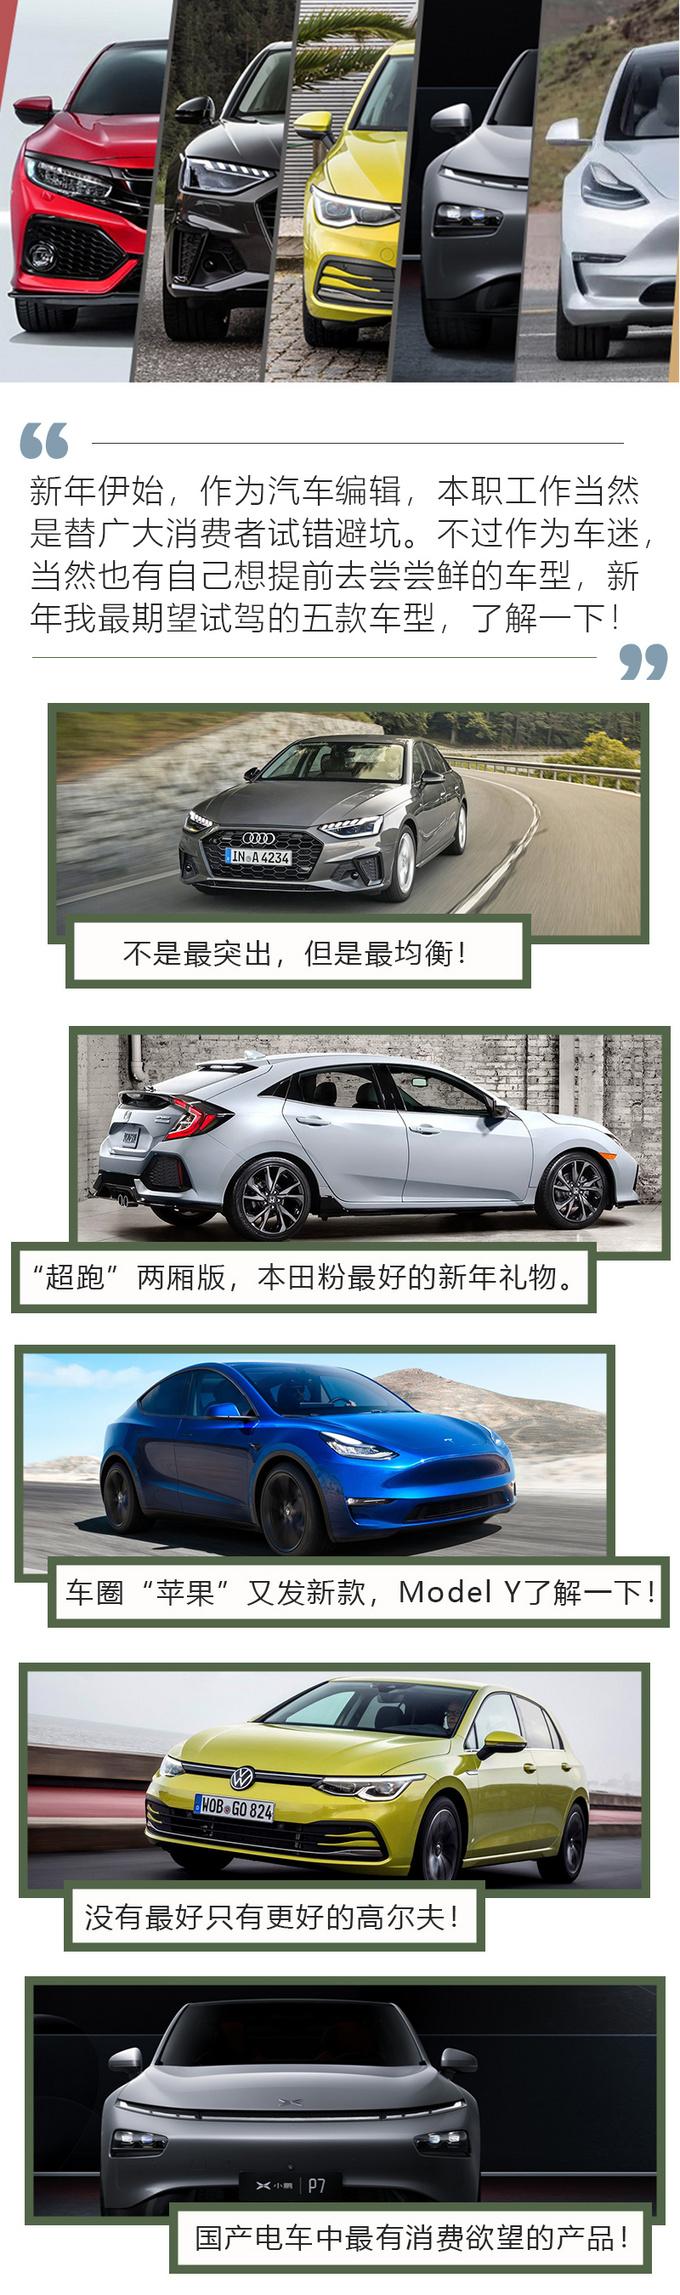 新年买车不着急2020年选这几款不会错-图2